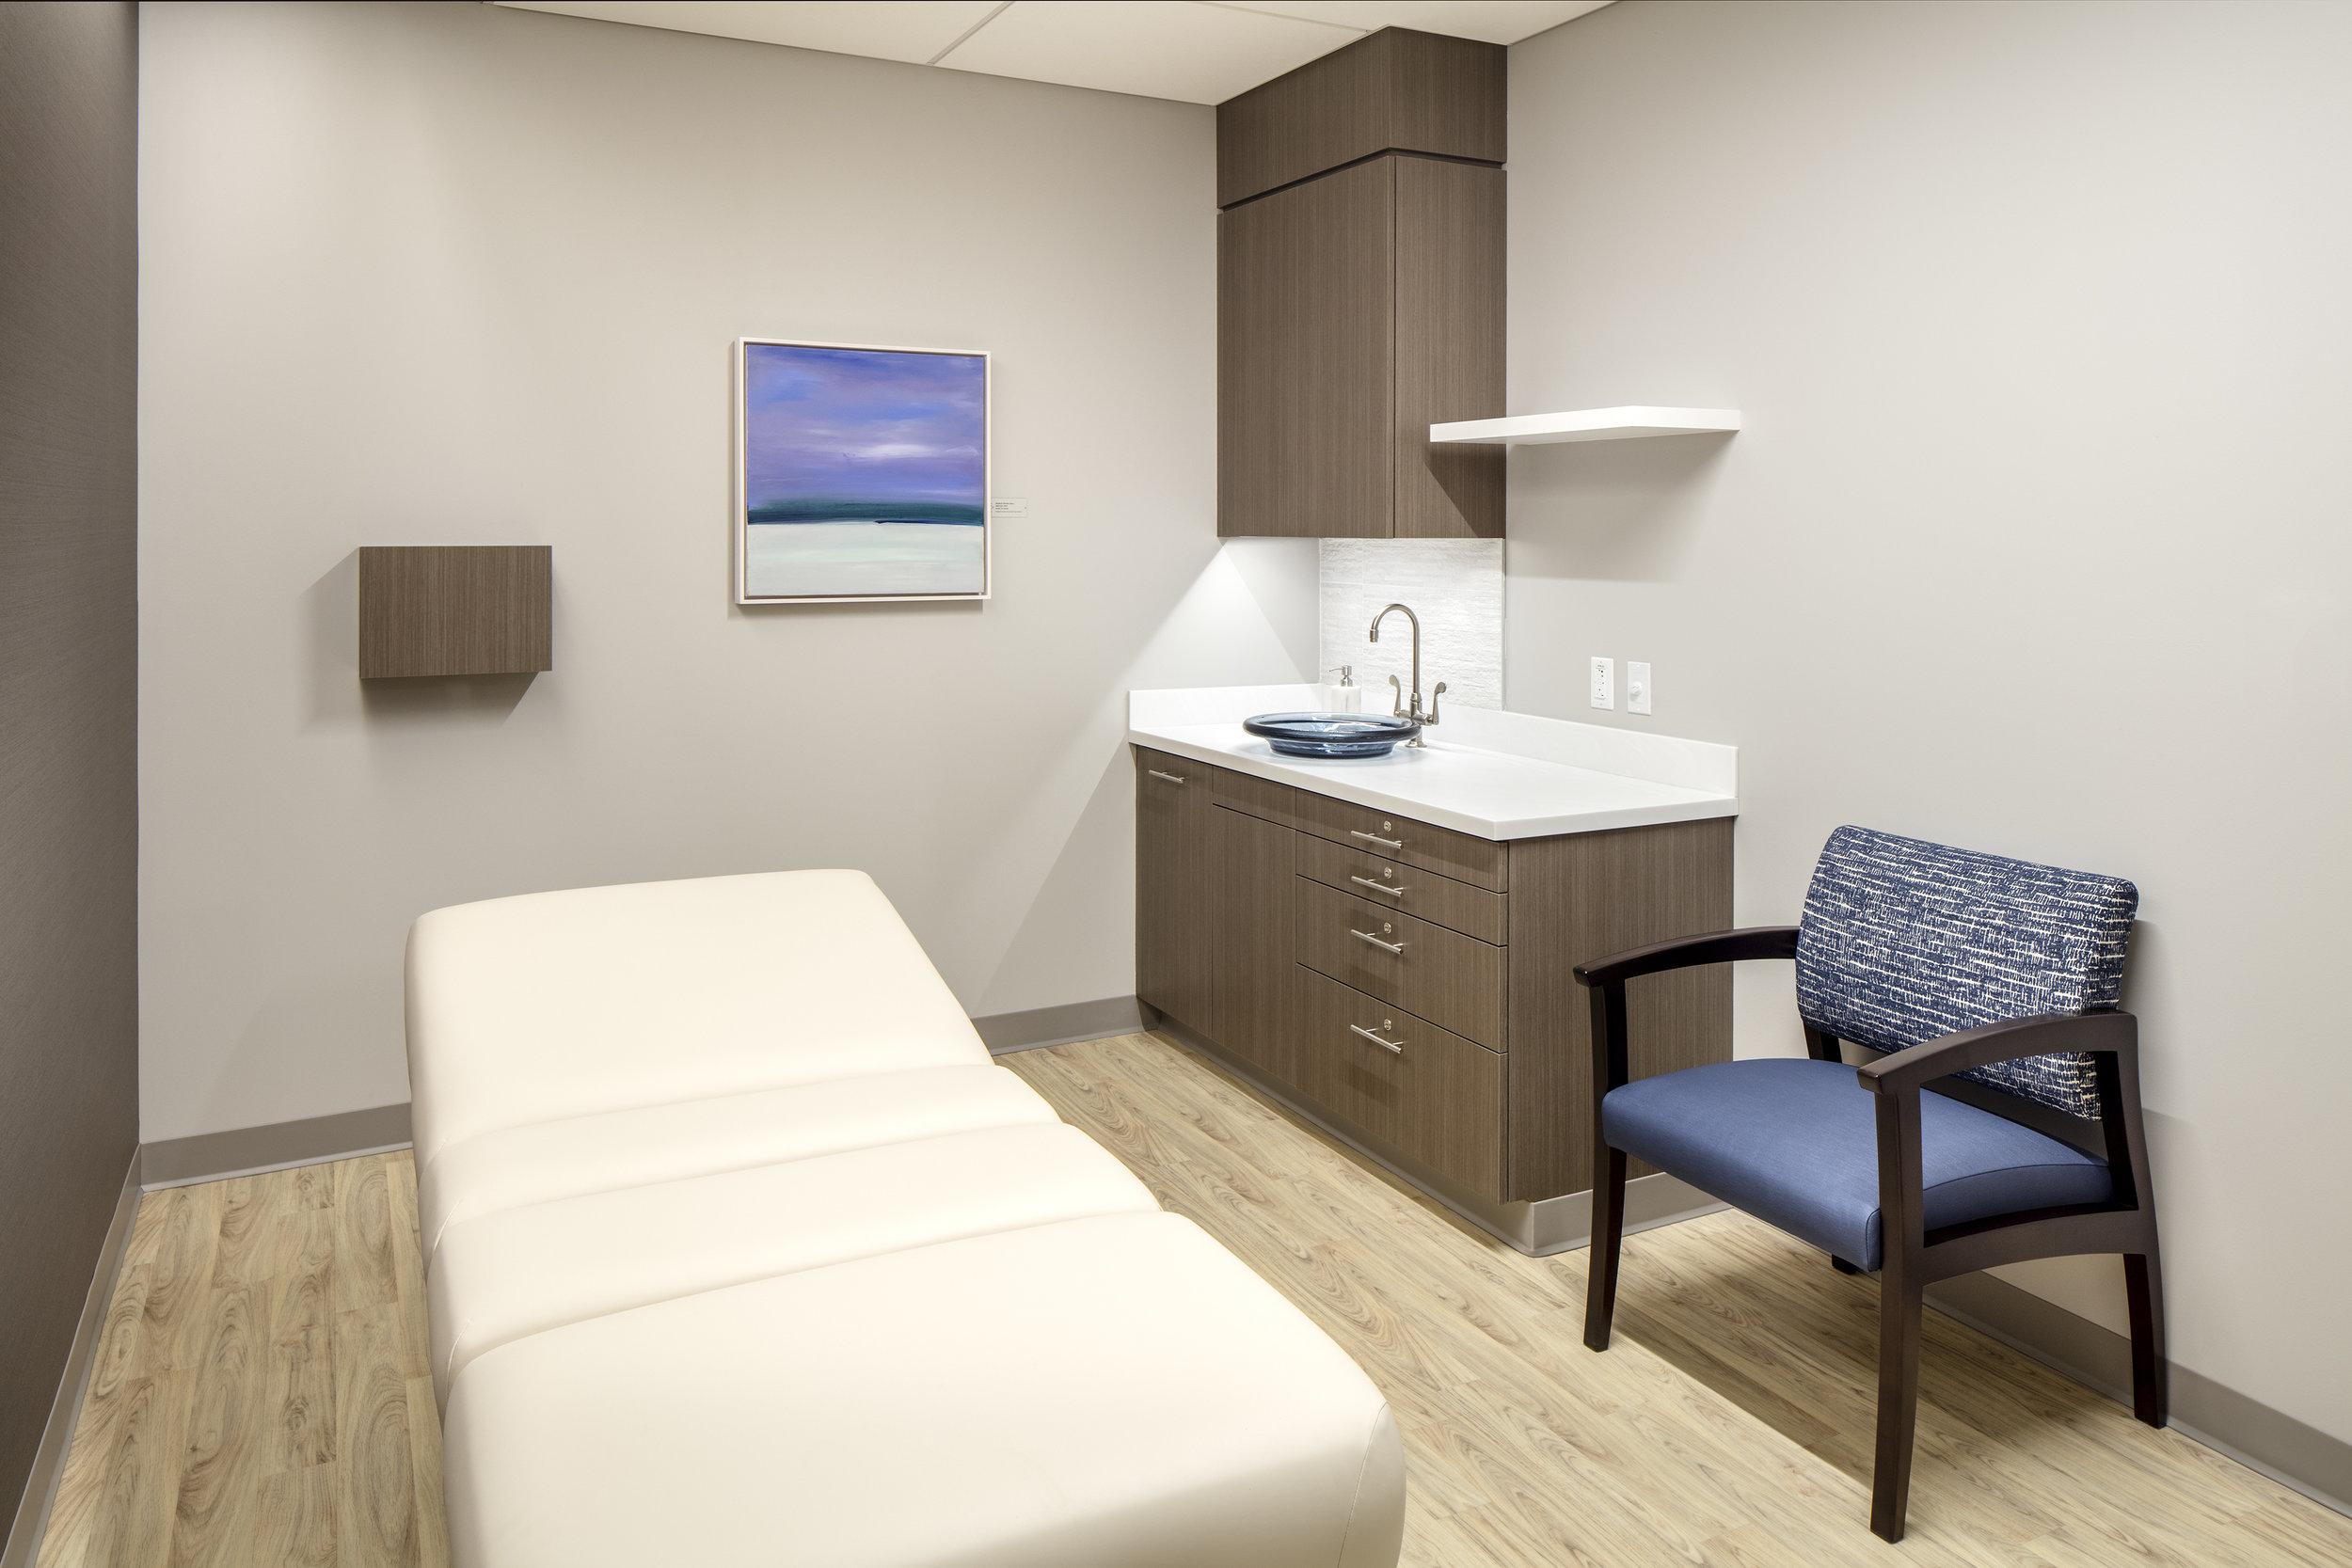 Zakim Center  Dana-Farber Cancer Institute